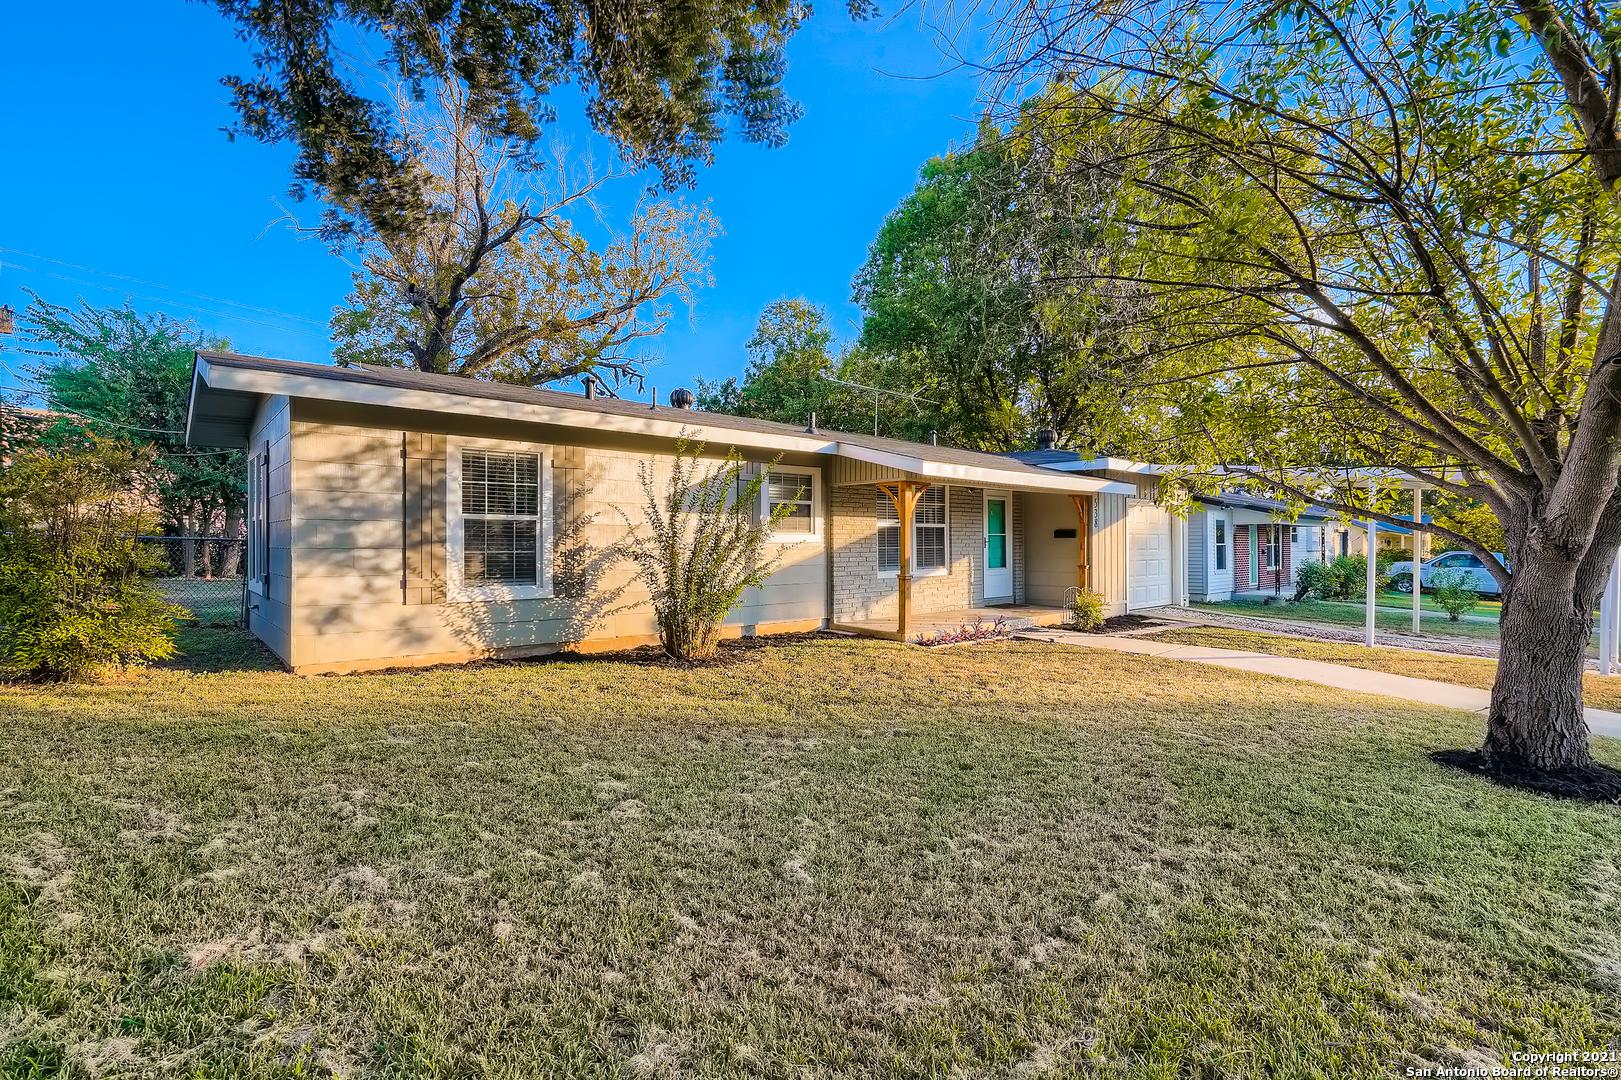 538 WILLIAMSBURG PL, San Antonio, TX 78201